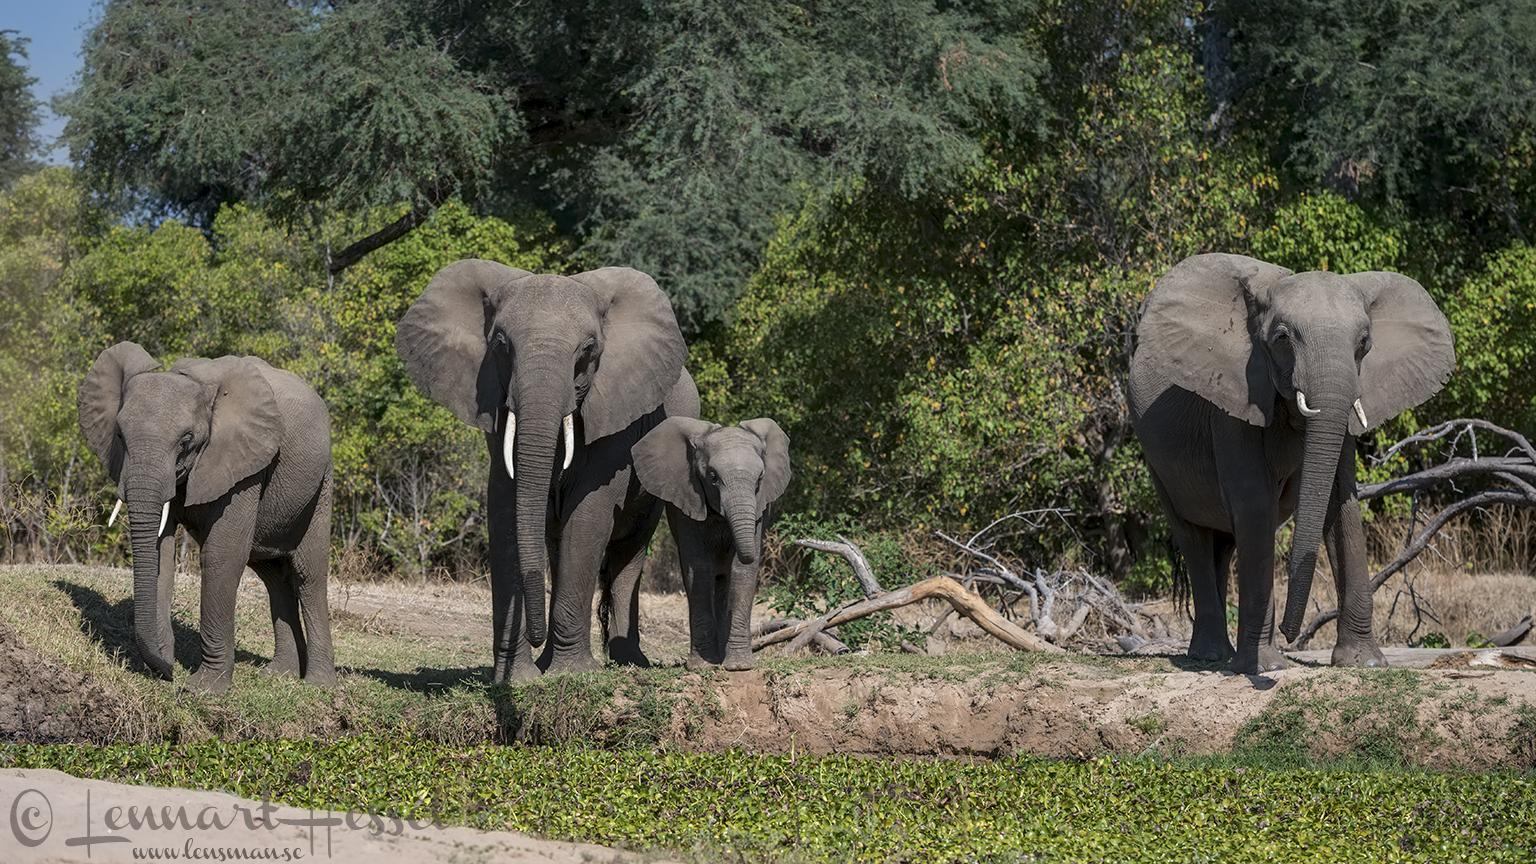 Elephants Mana Pools National Park Zimbabwe